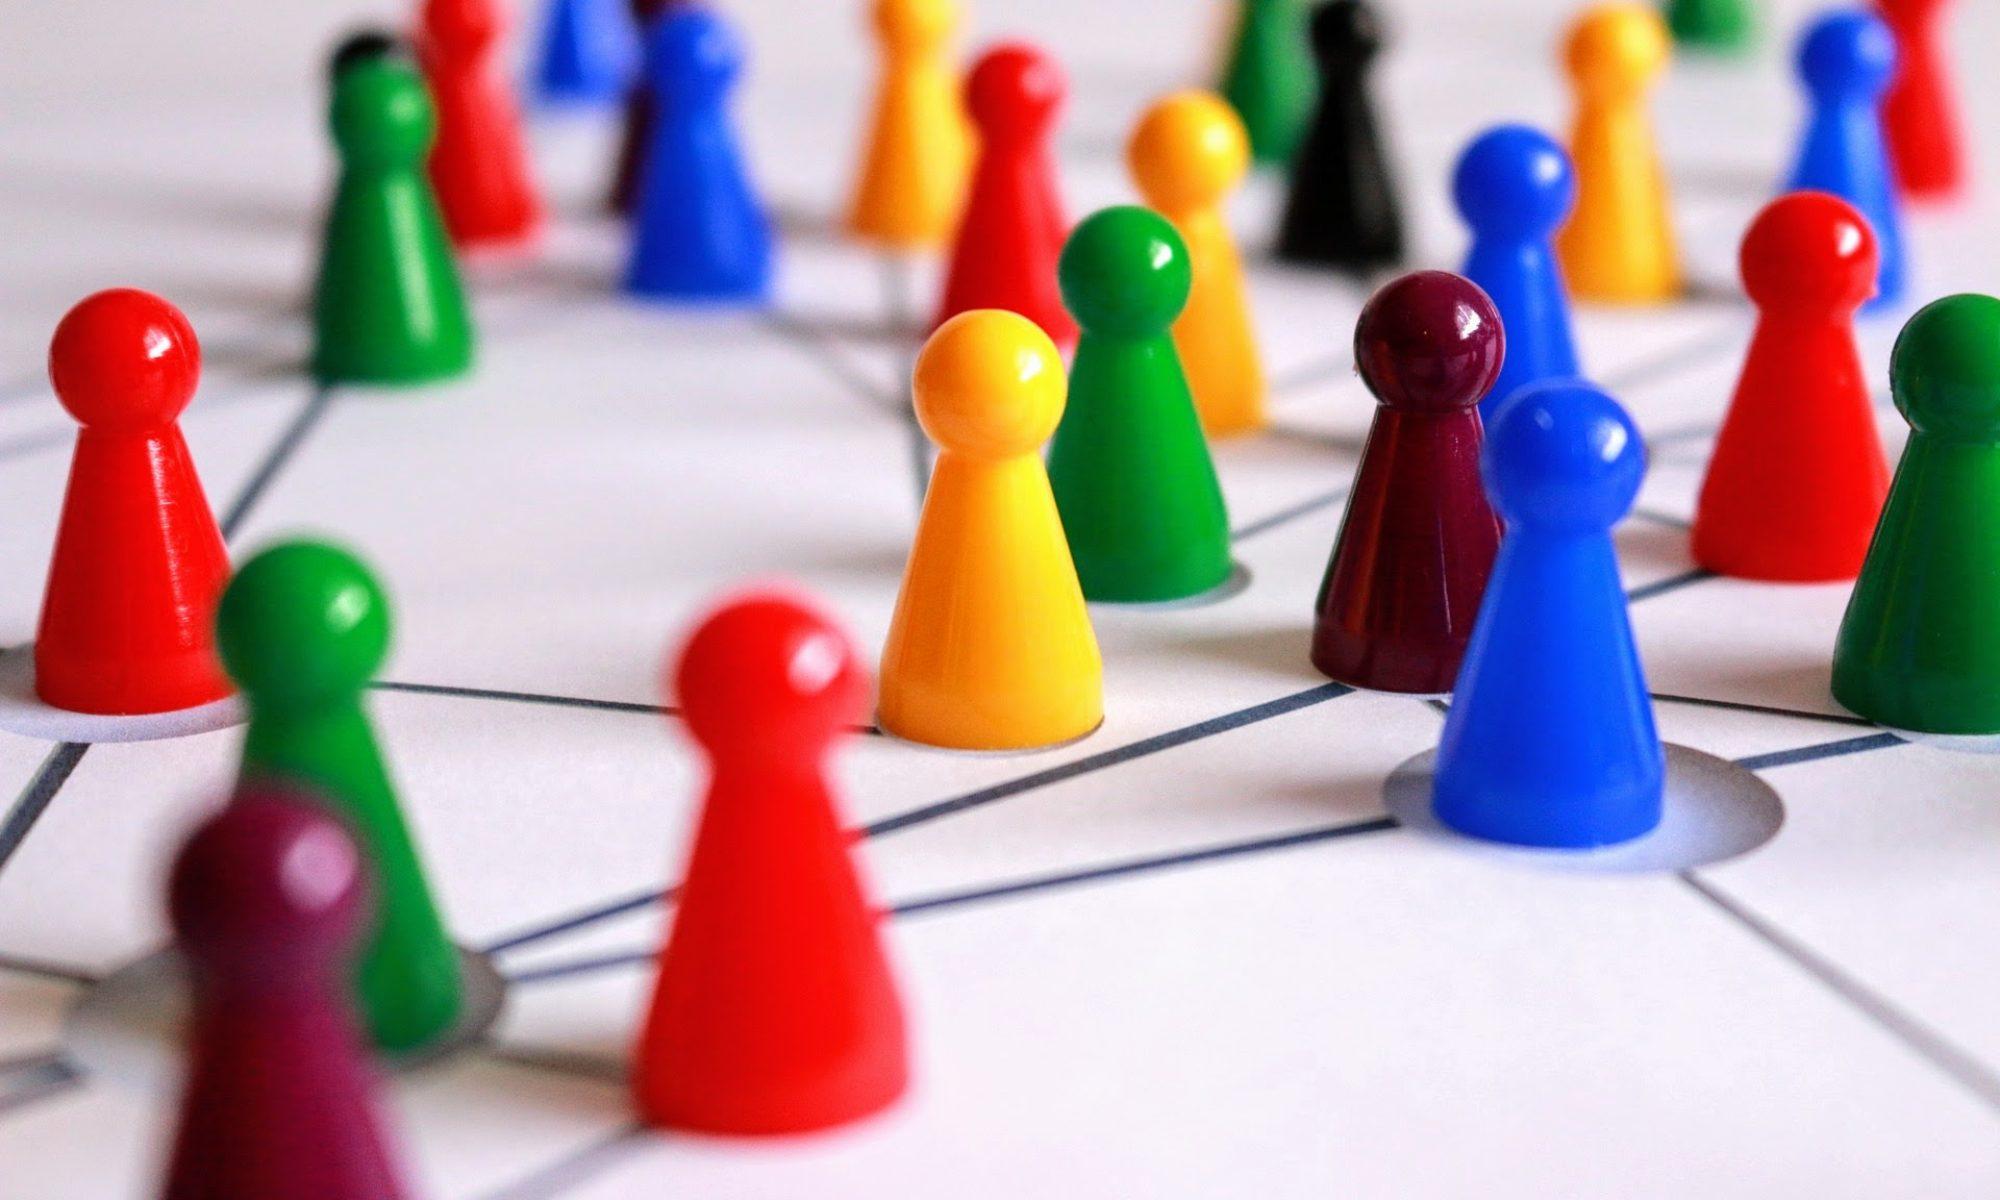 一般社団法人 居住支援全国ネットワーク